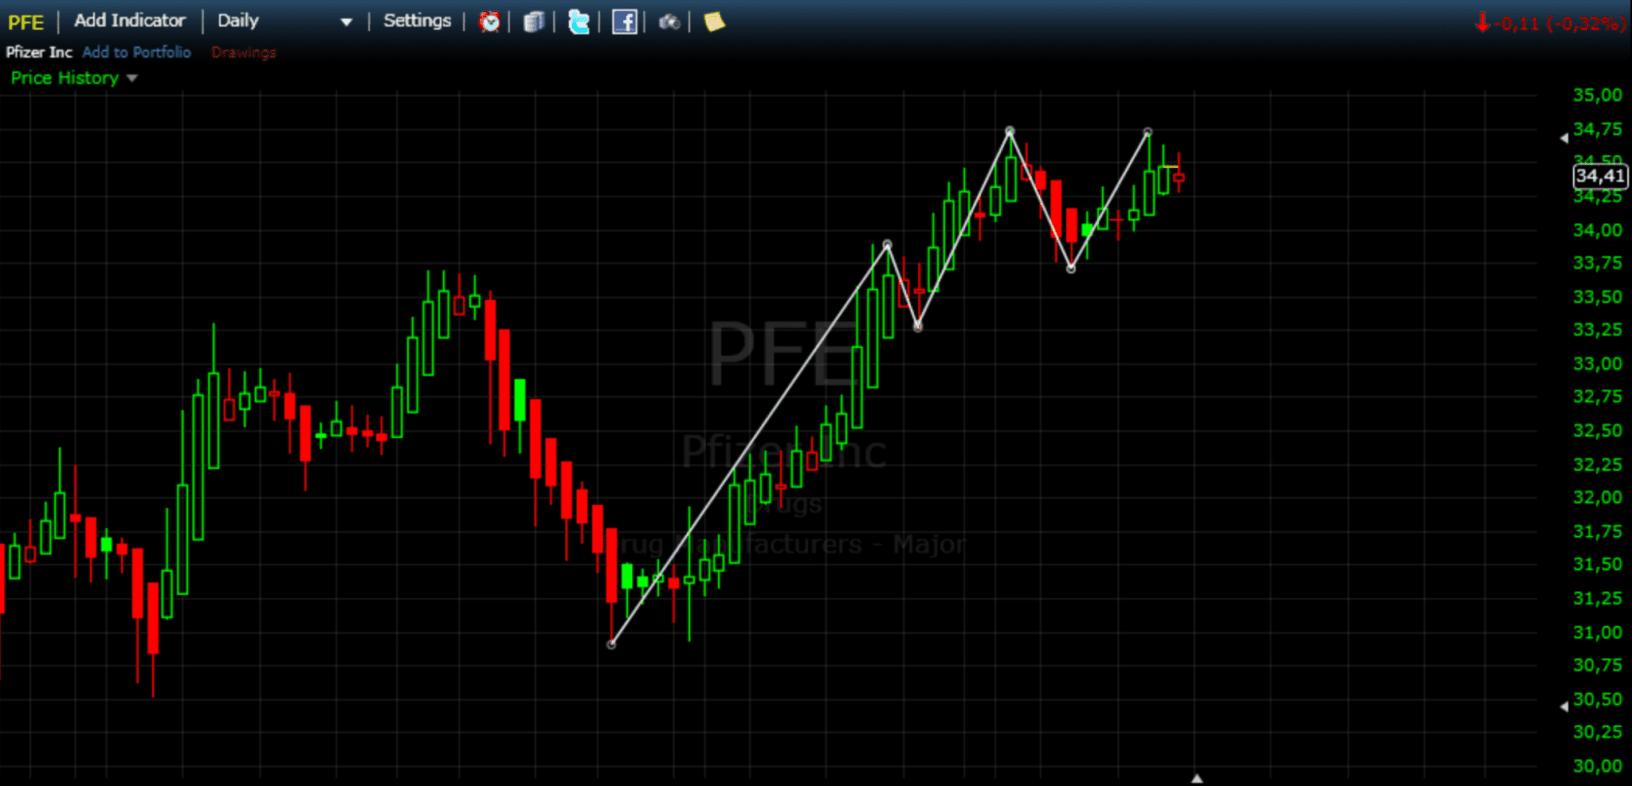 Pfizer Chart